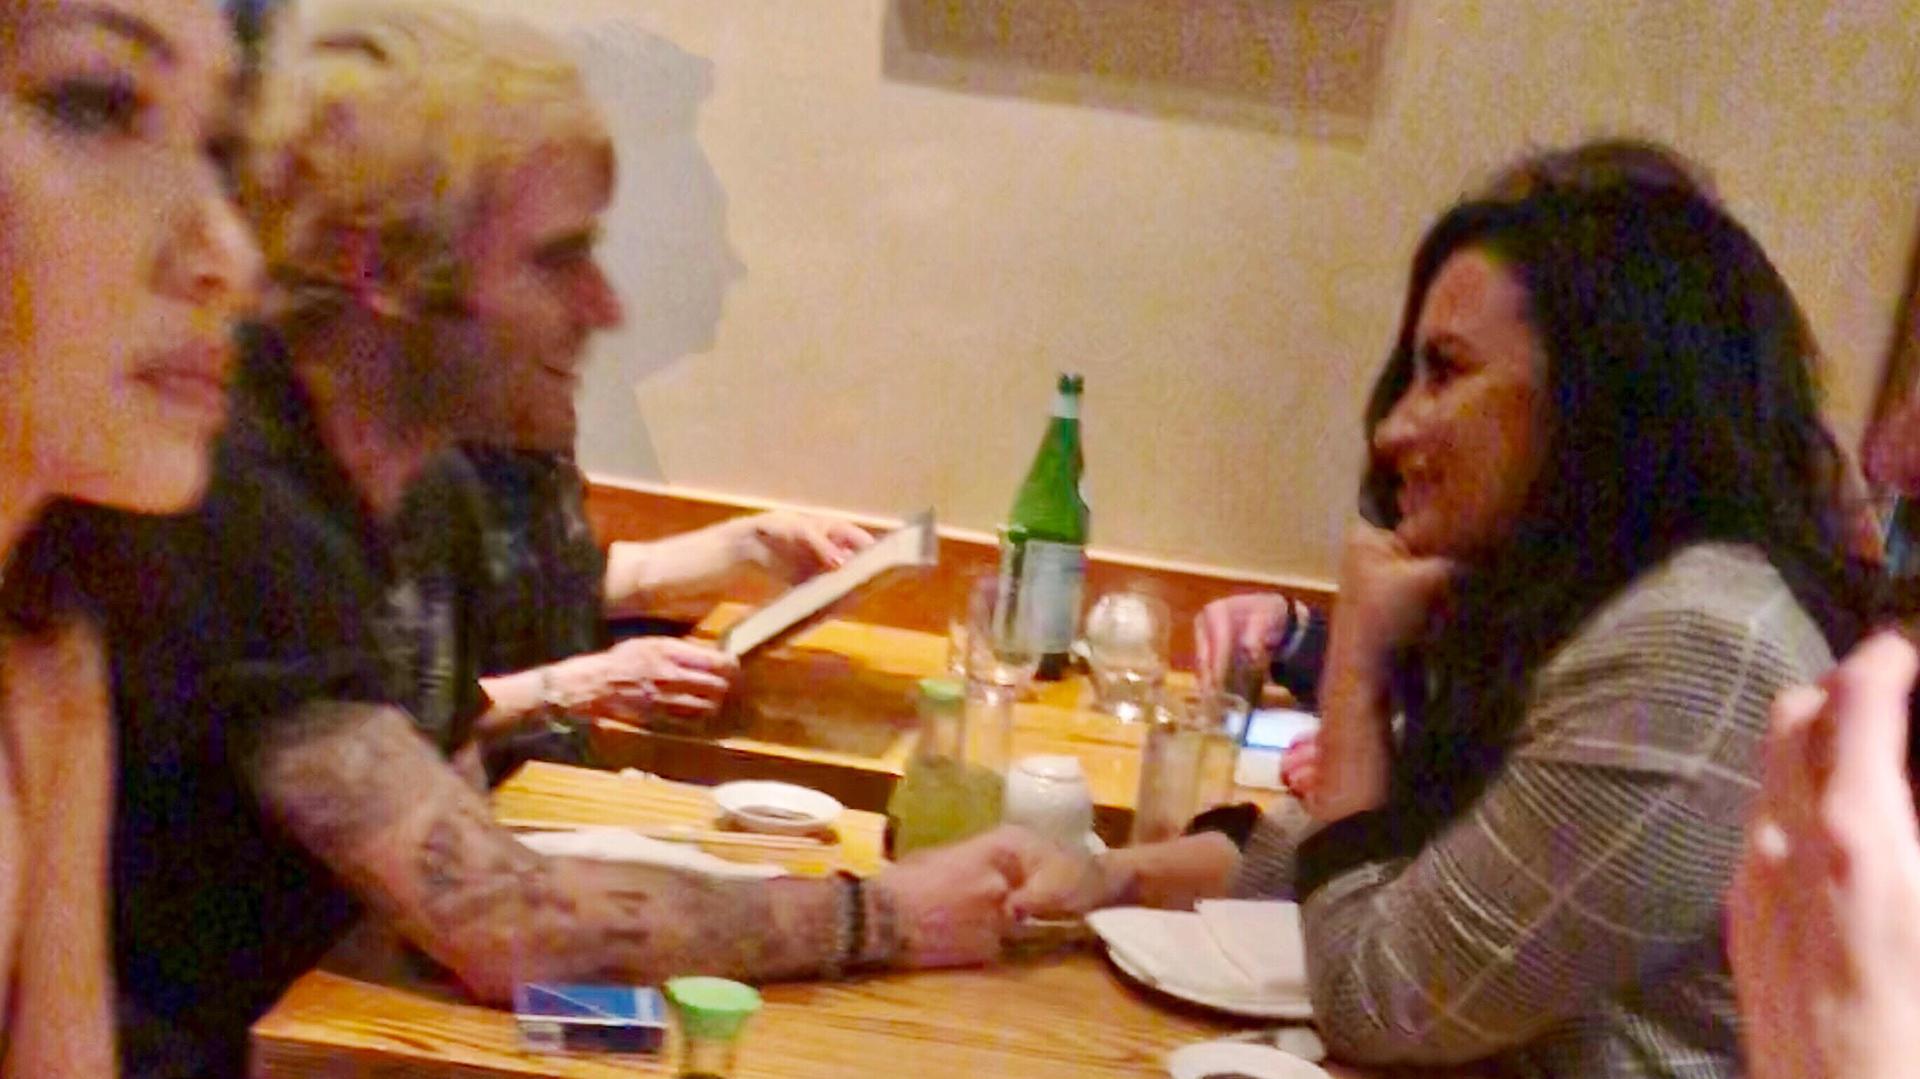 Demi Lovato compartió una cena romántica con el diseñador de ropa Henry Levy en Los Ángeles (The Grosby Group)